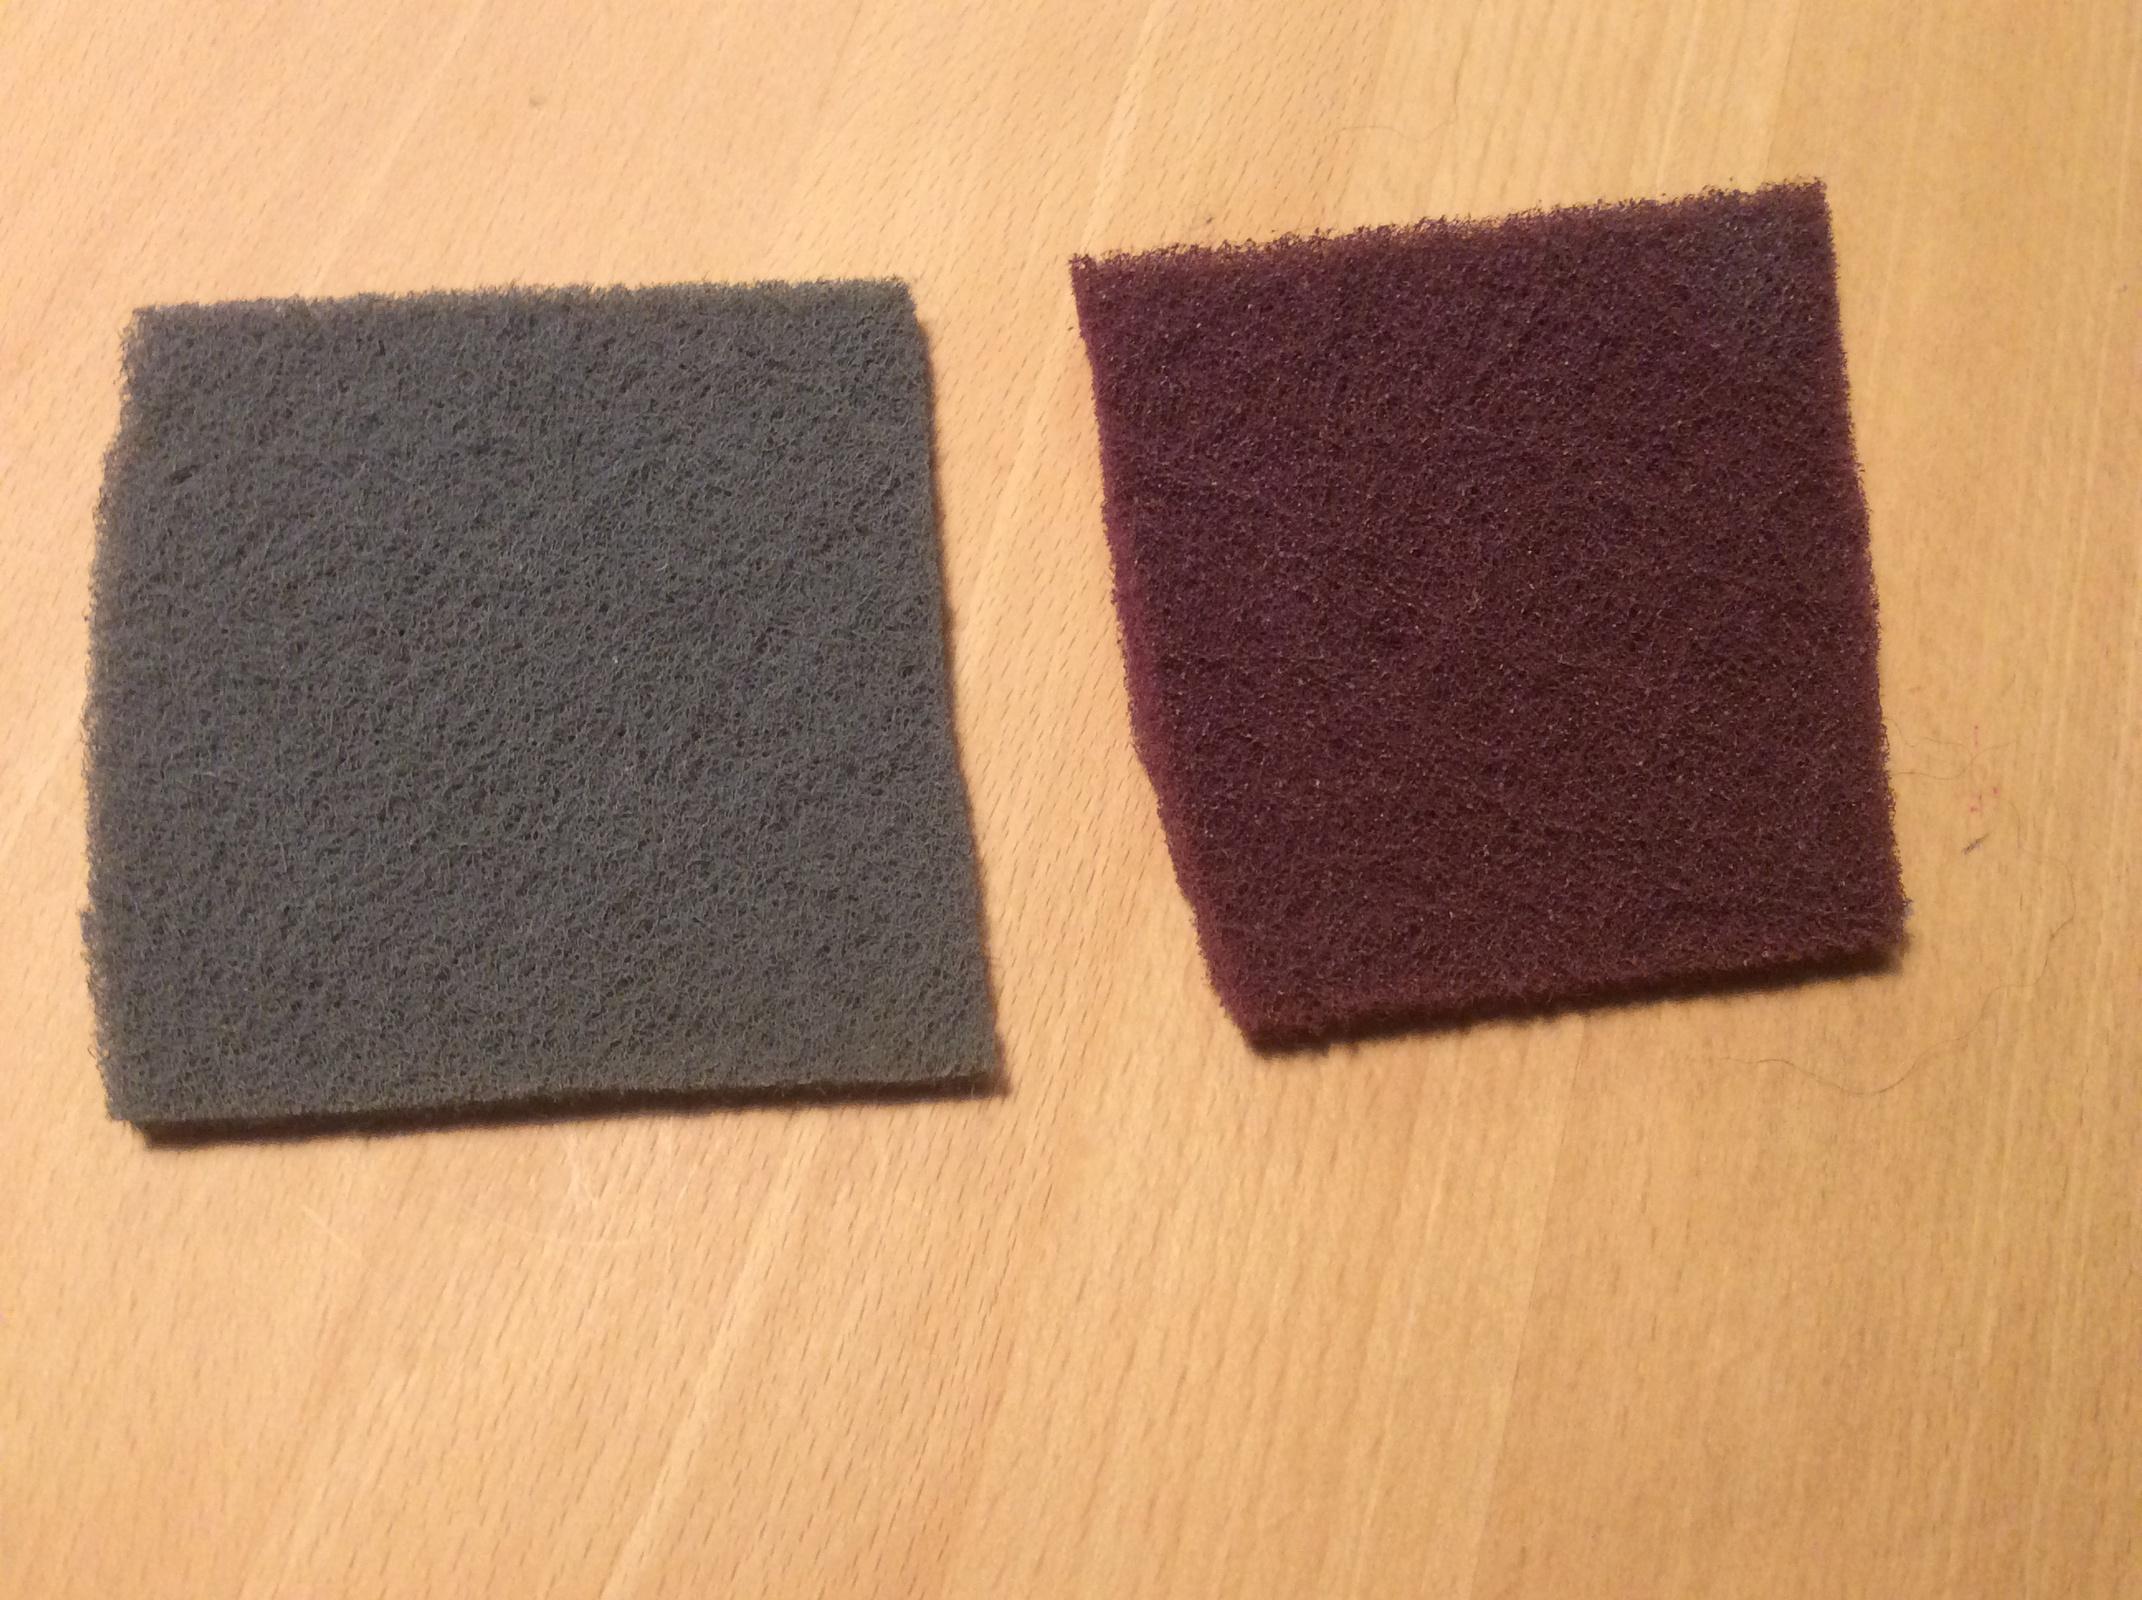 kratzer aus geb rstetem edelstahl entfernen unm glich uhrforum seite 2. Black Bedroom Furniture Sets. Home Design Ideas